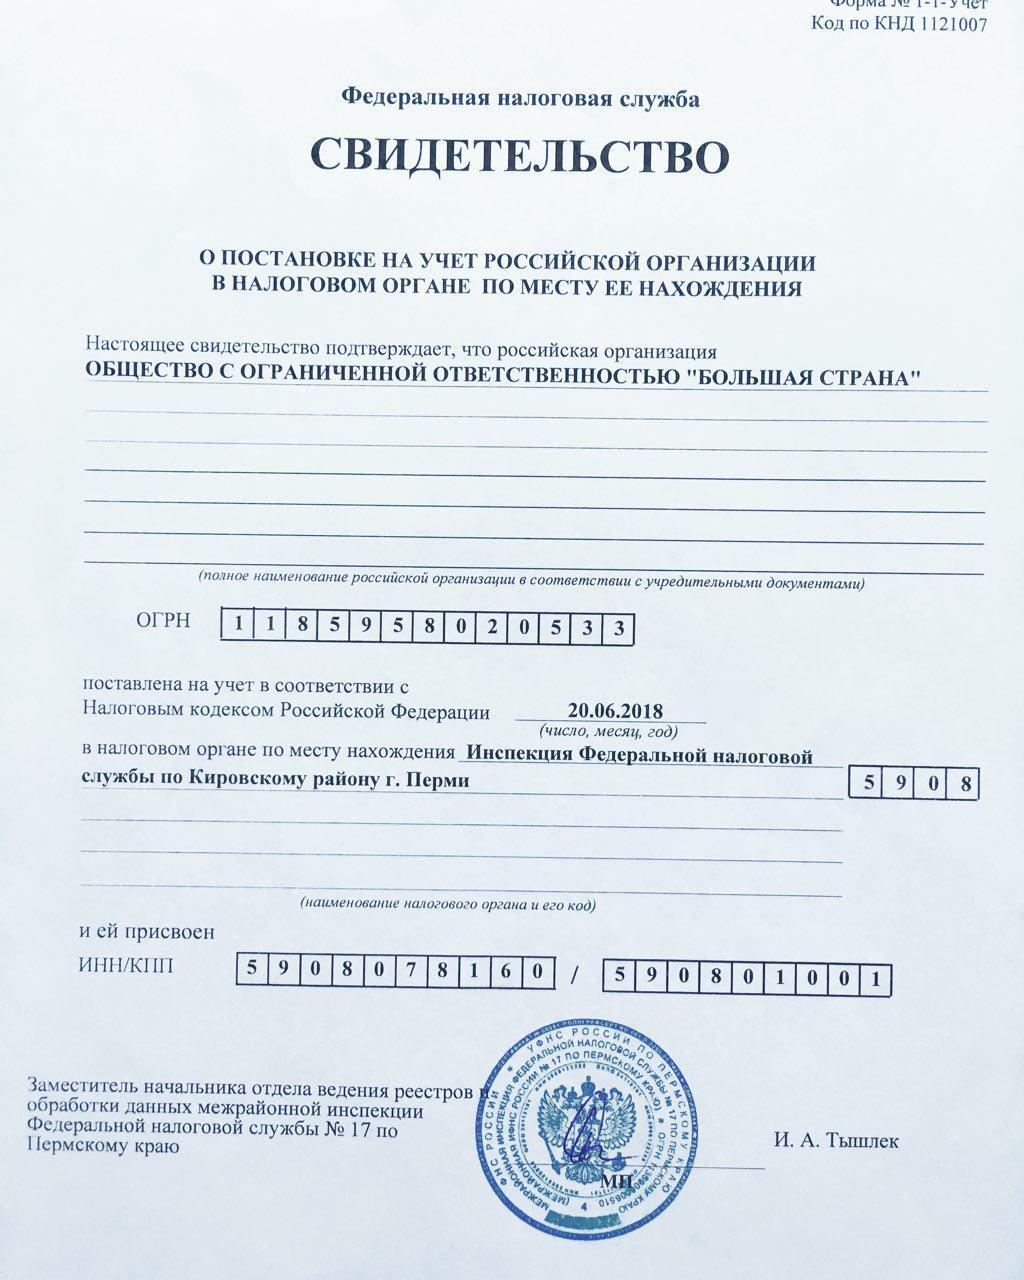 Свидетельство о государственной регистрации общества с ограниченной ответственностью